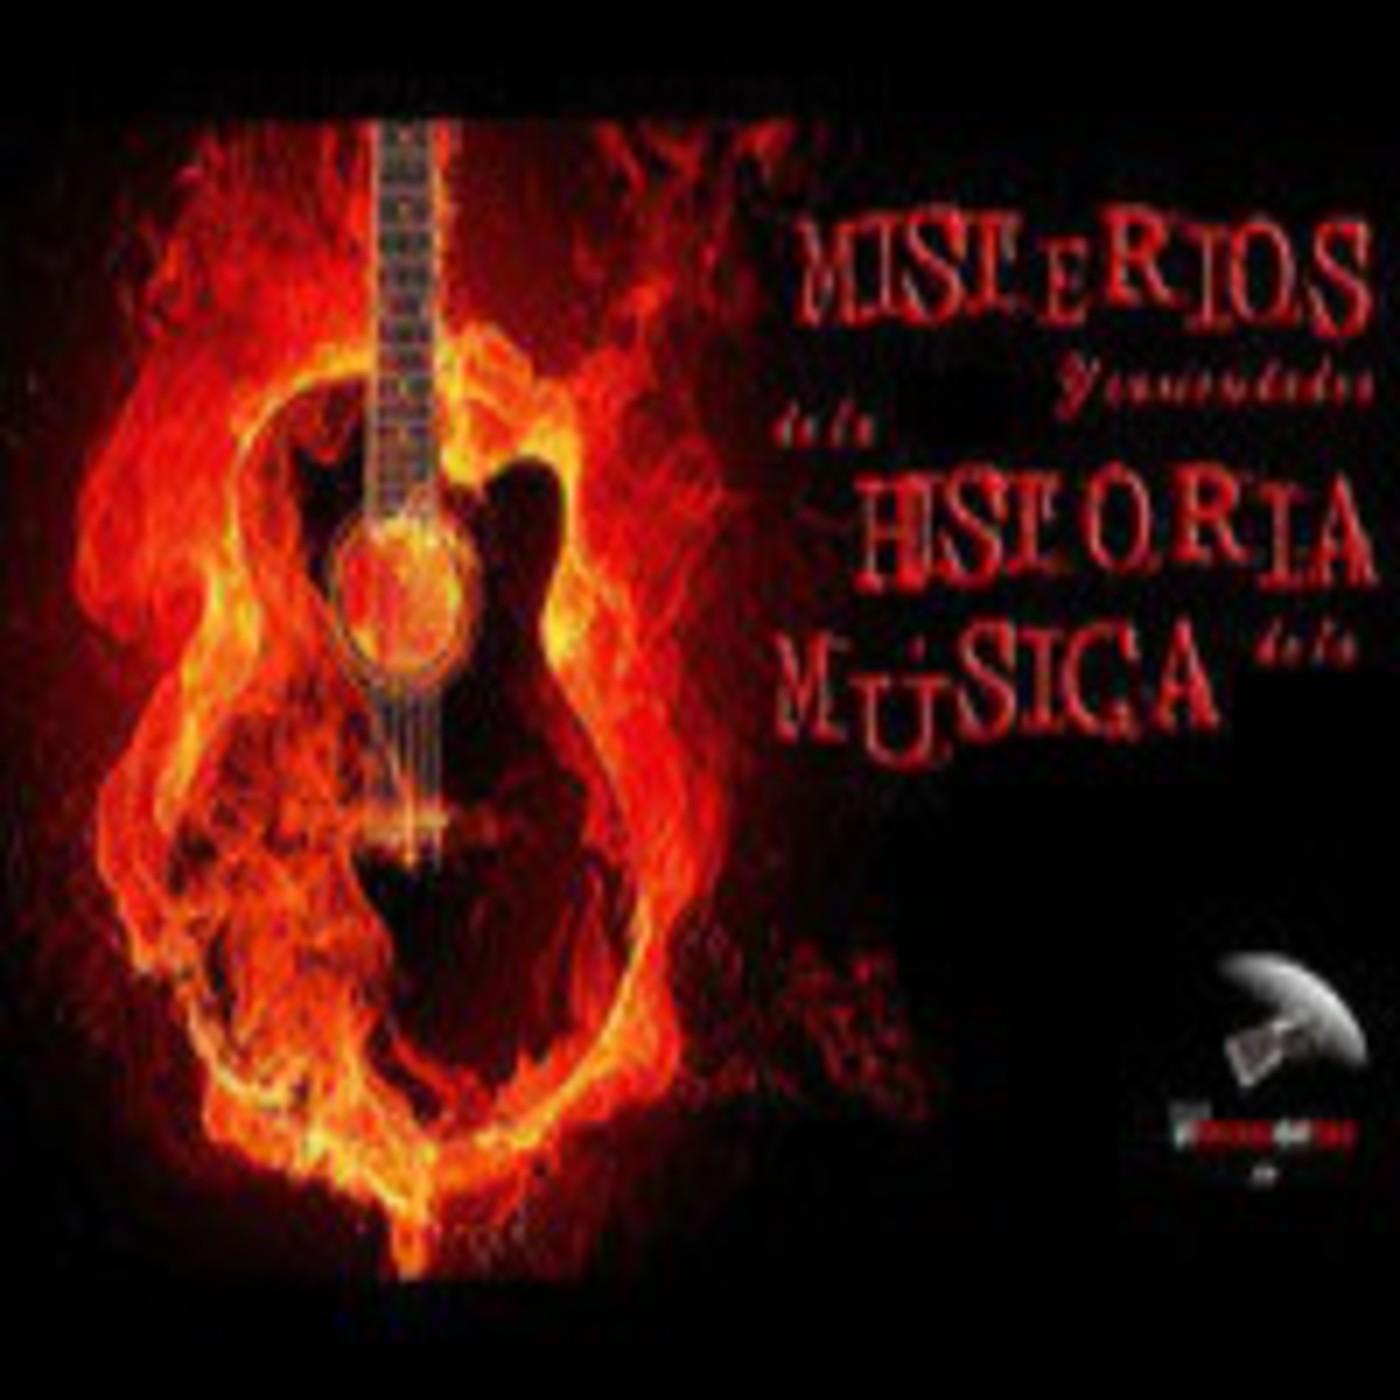 El Abrazo del Oso - Misterios y curiosidades de la Historia de la Música